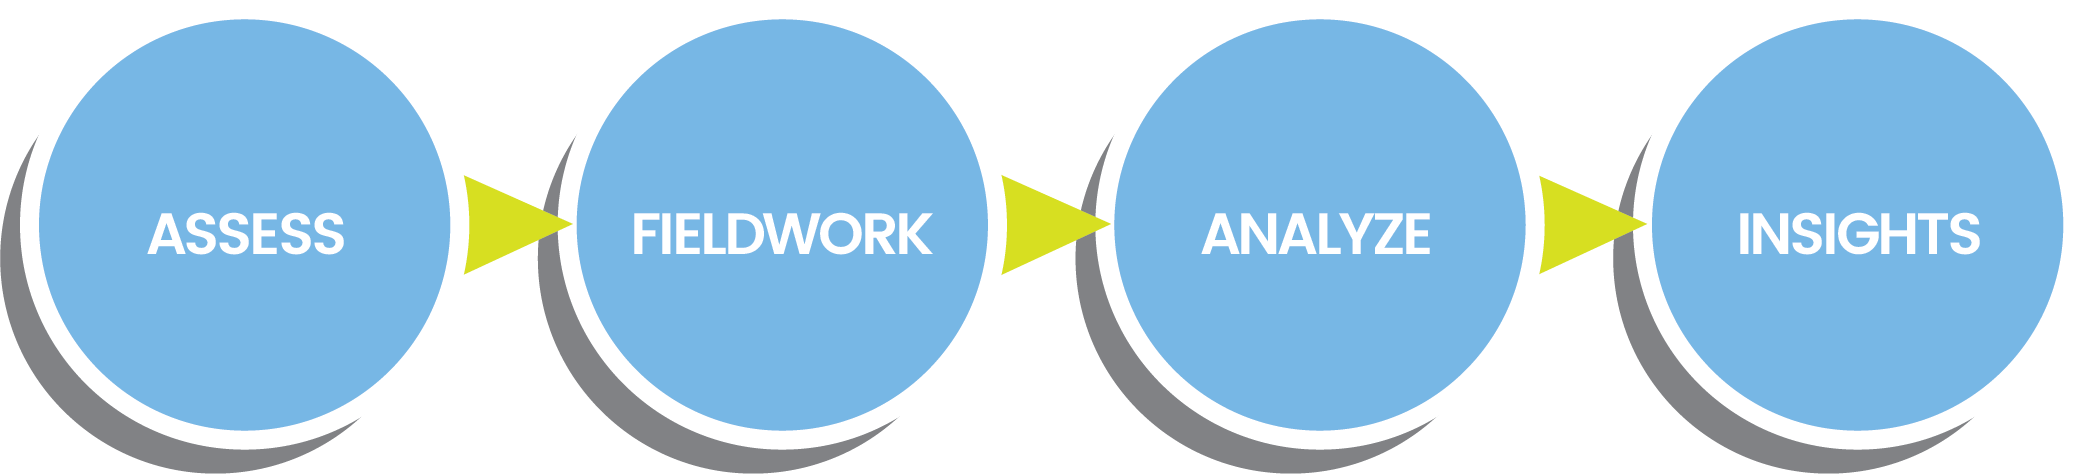 Chatham Partners Methodology